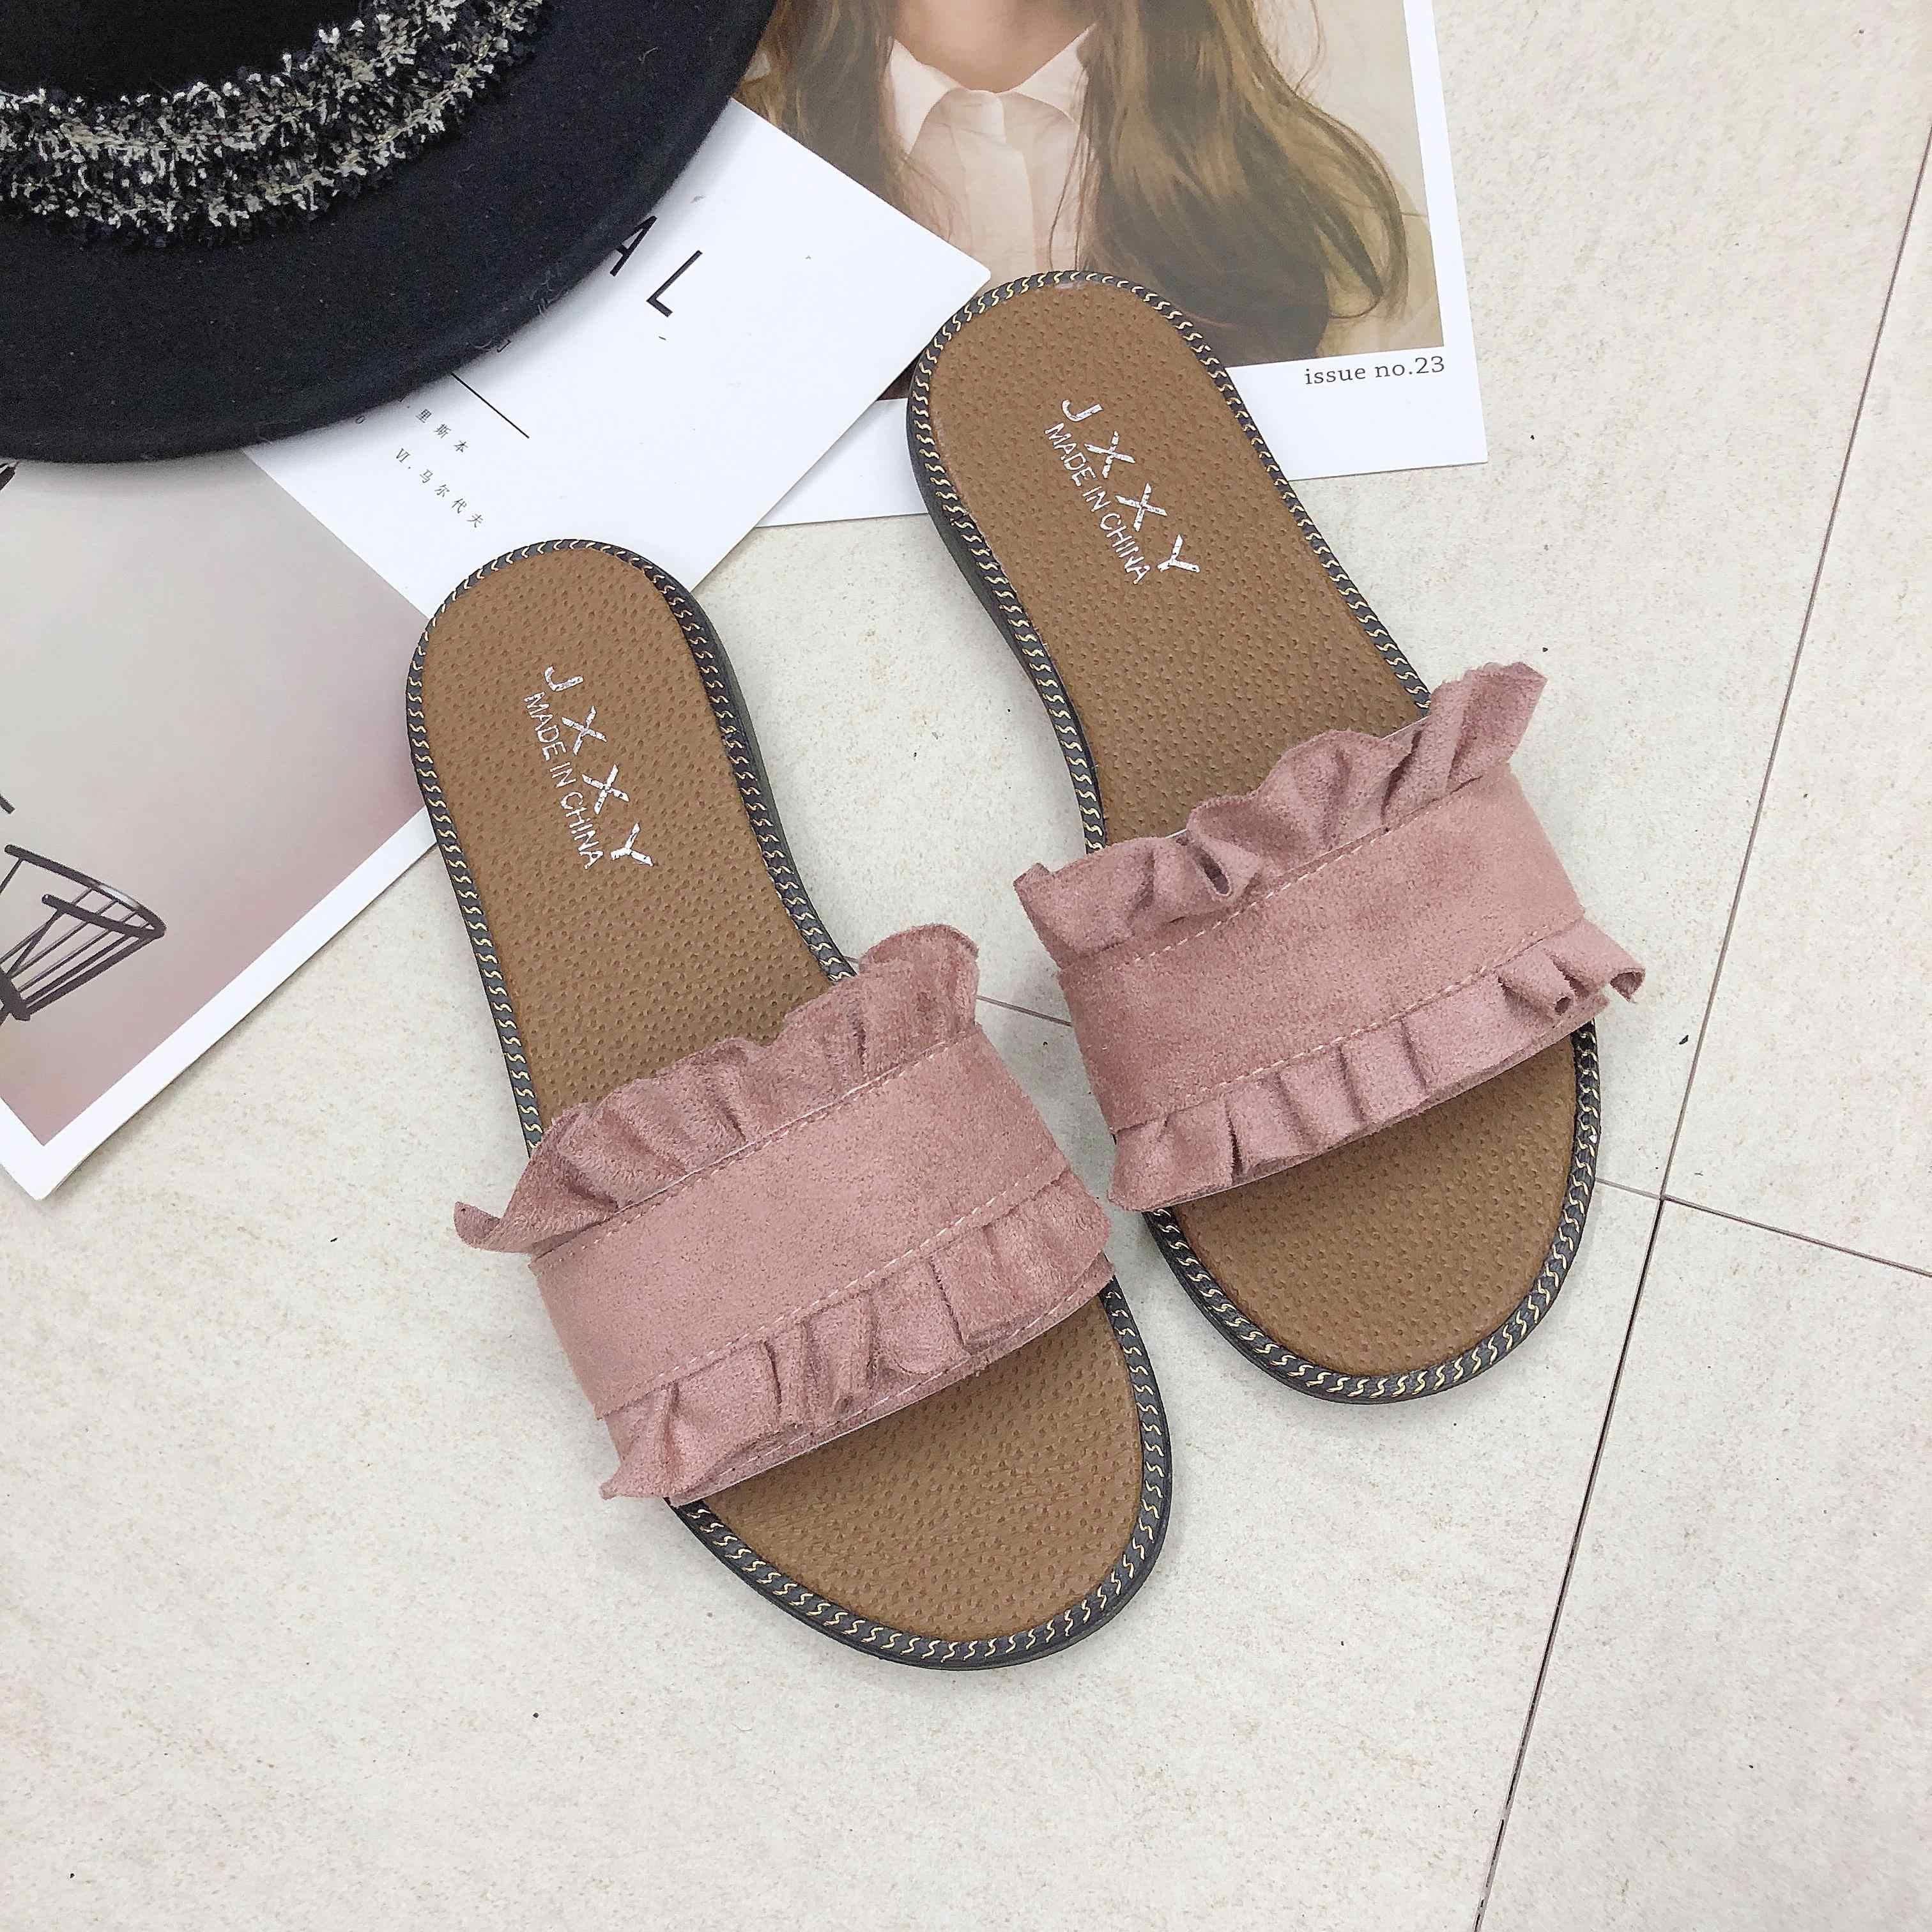 女性サンダルに反転フロップ夏のスタイルの靴フラットサンダルファッション女性のスライドの Size35-40 sandalias mujer 2019